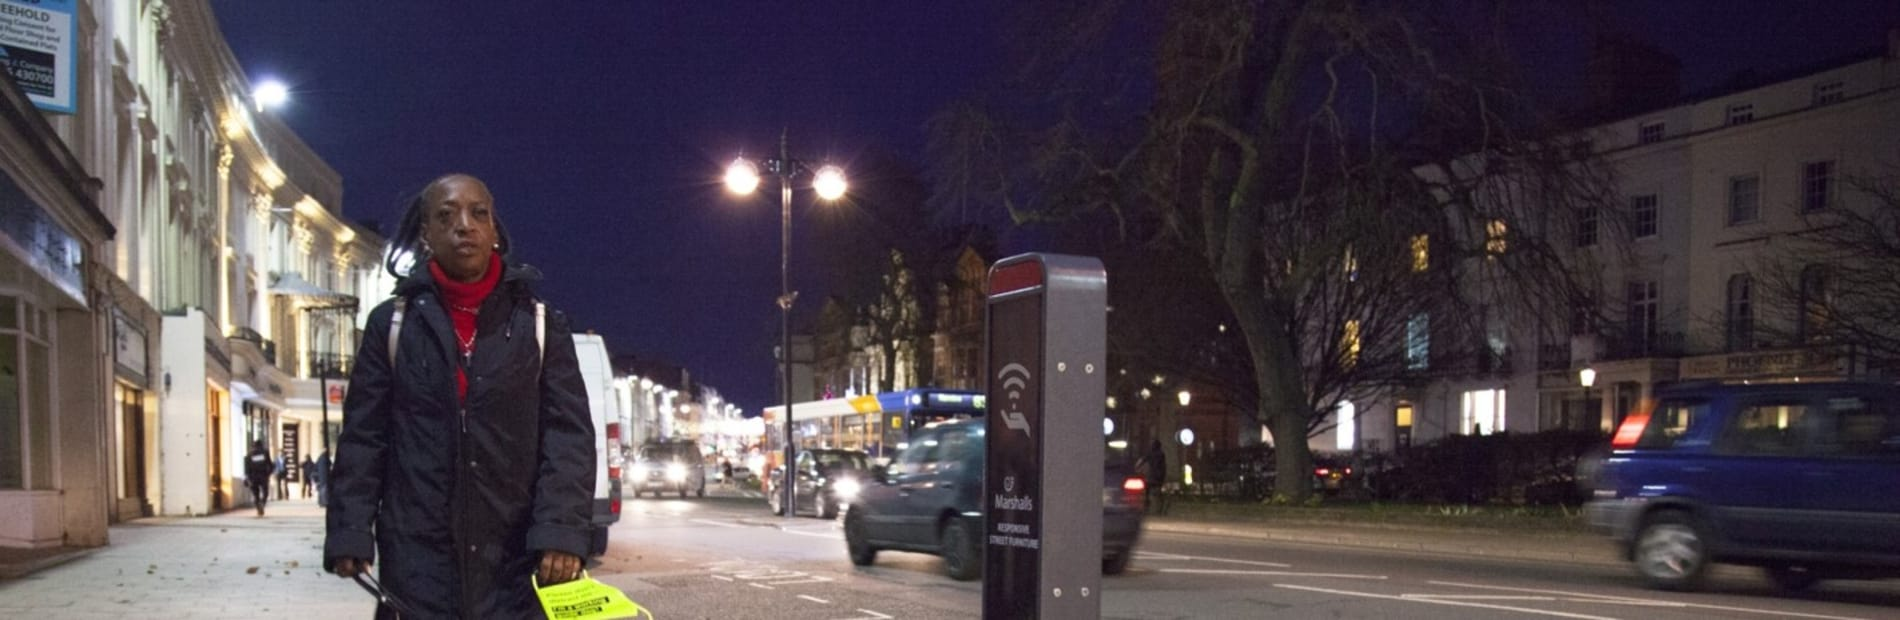 intelligent bollard on a street at night